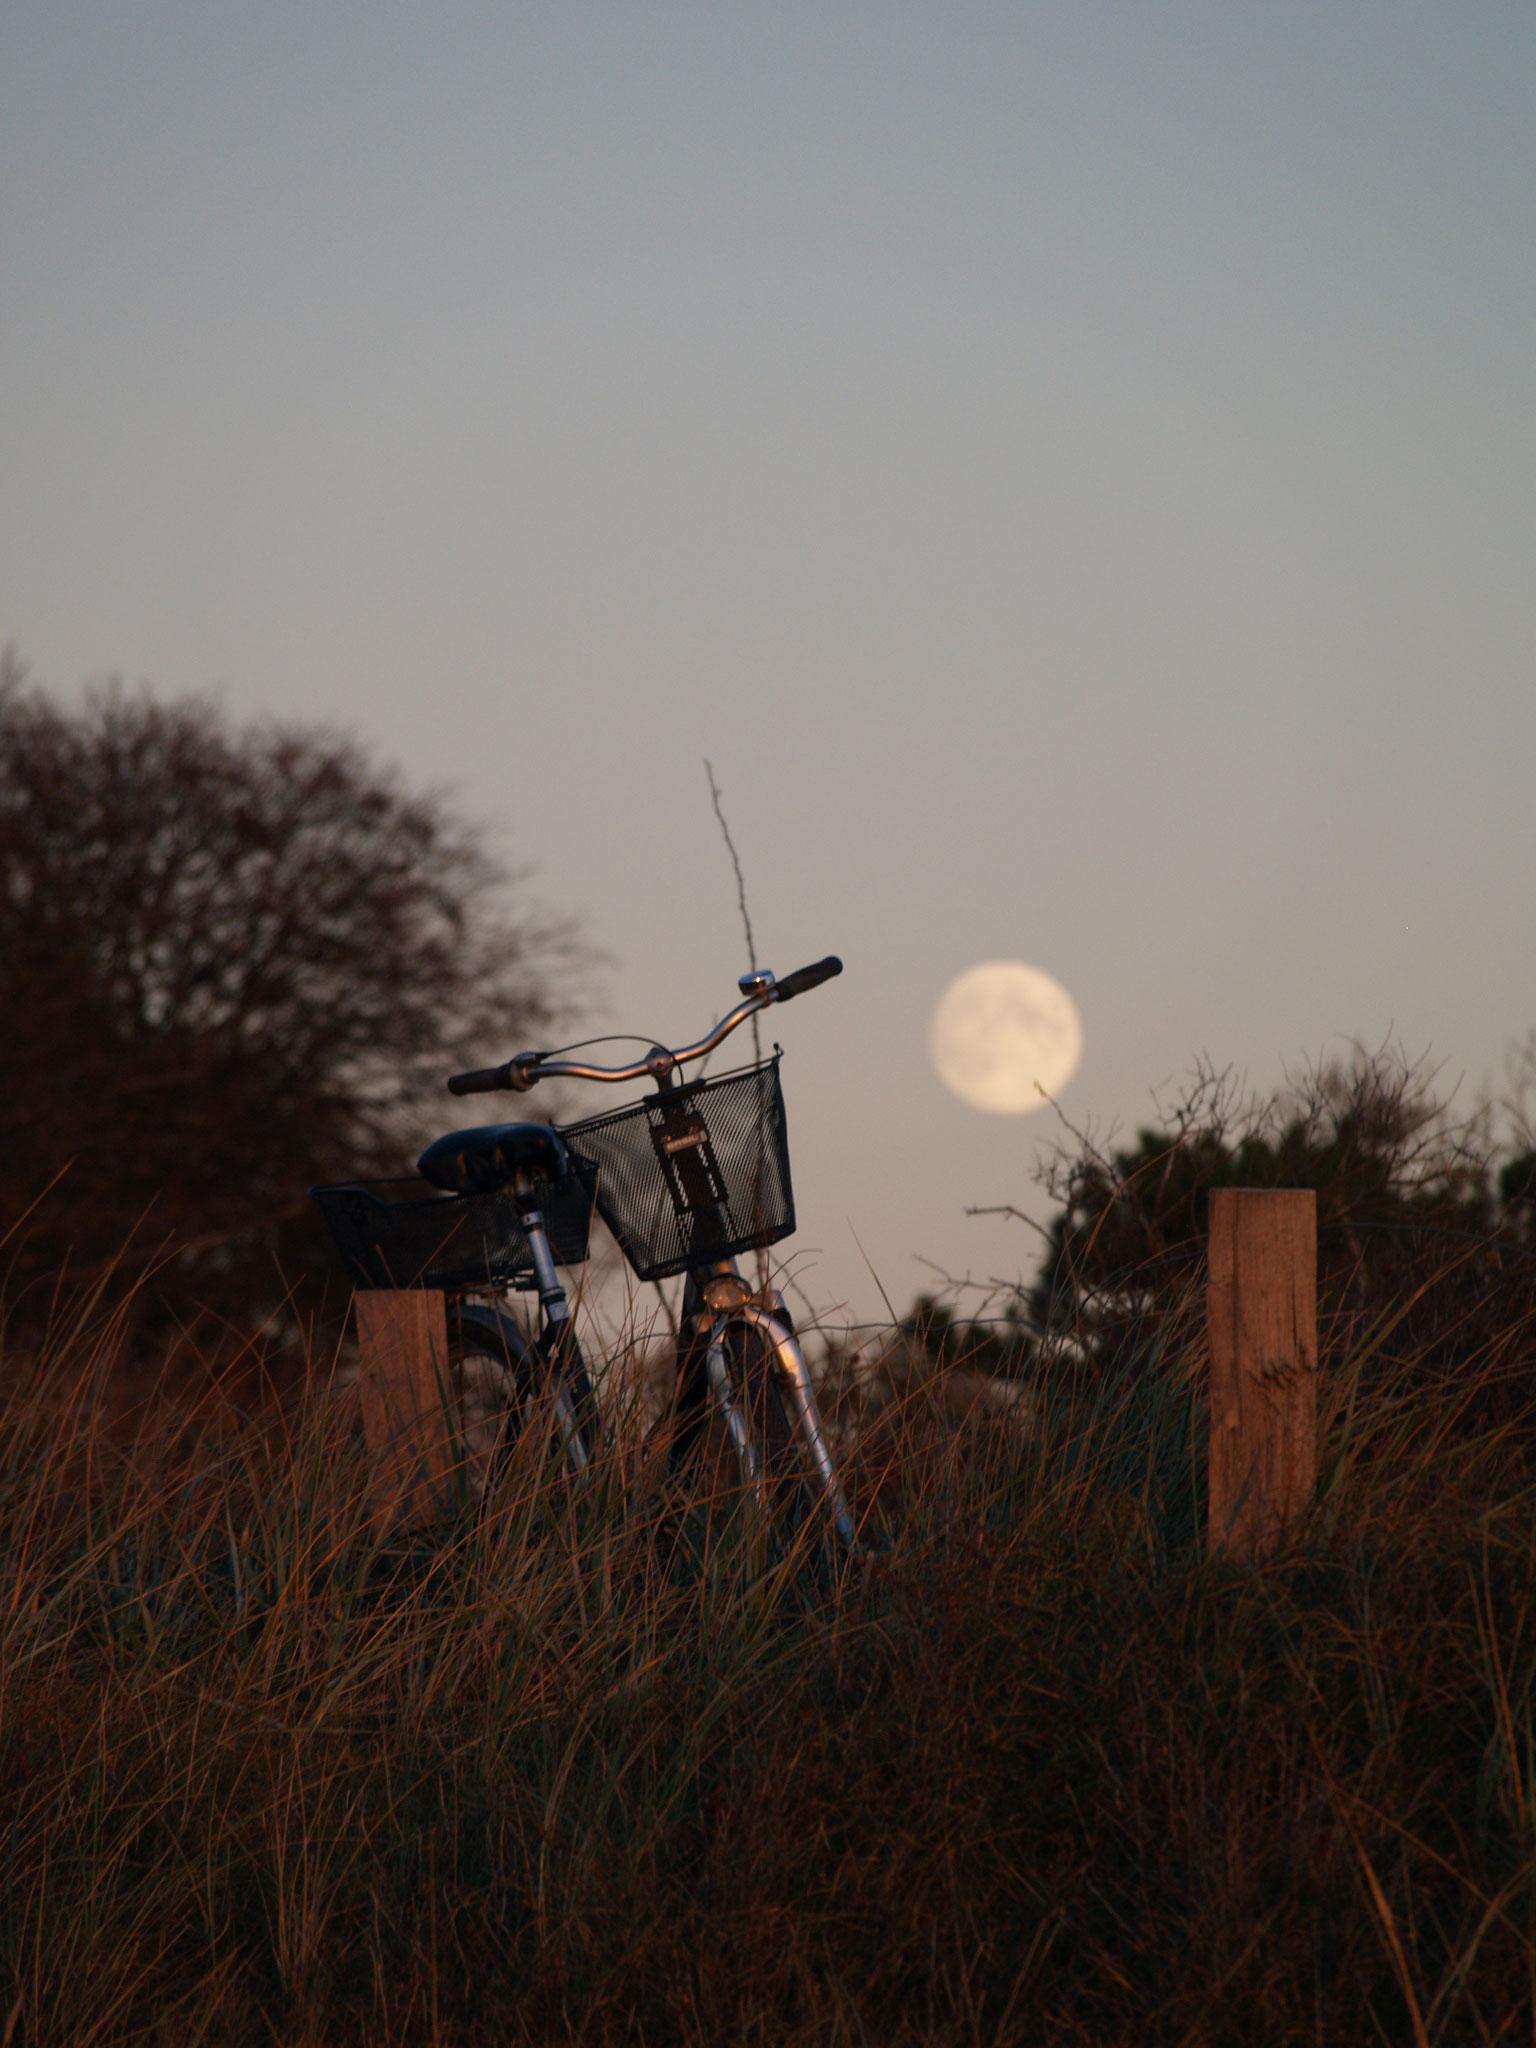 Fahrradtour am Abend